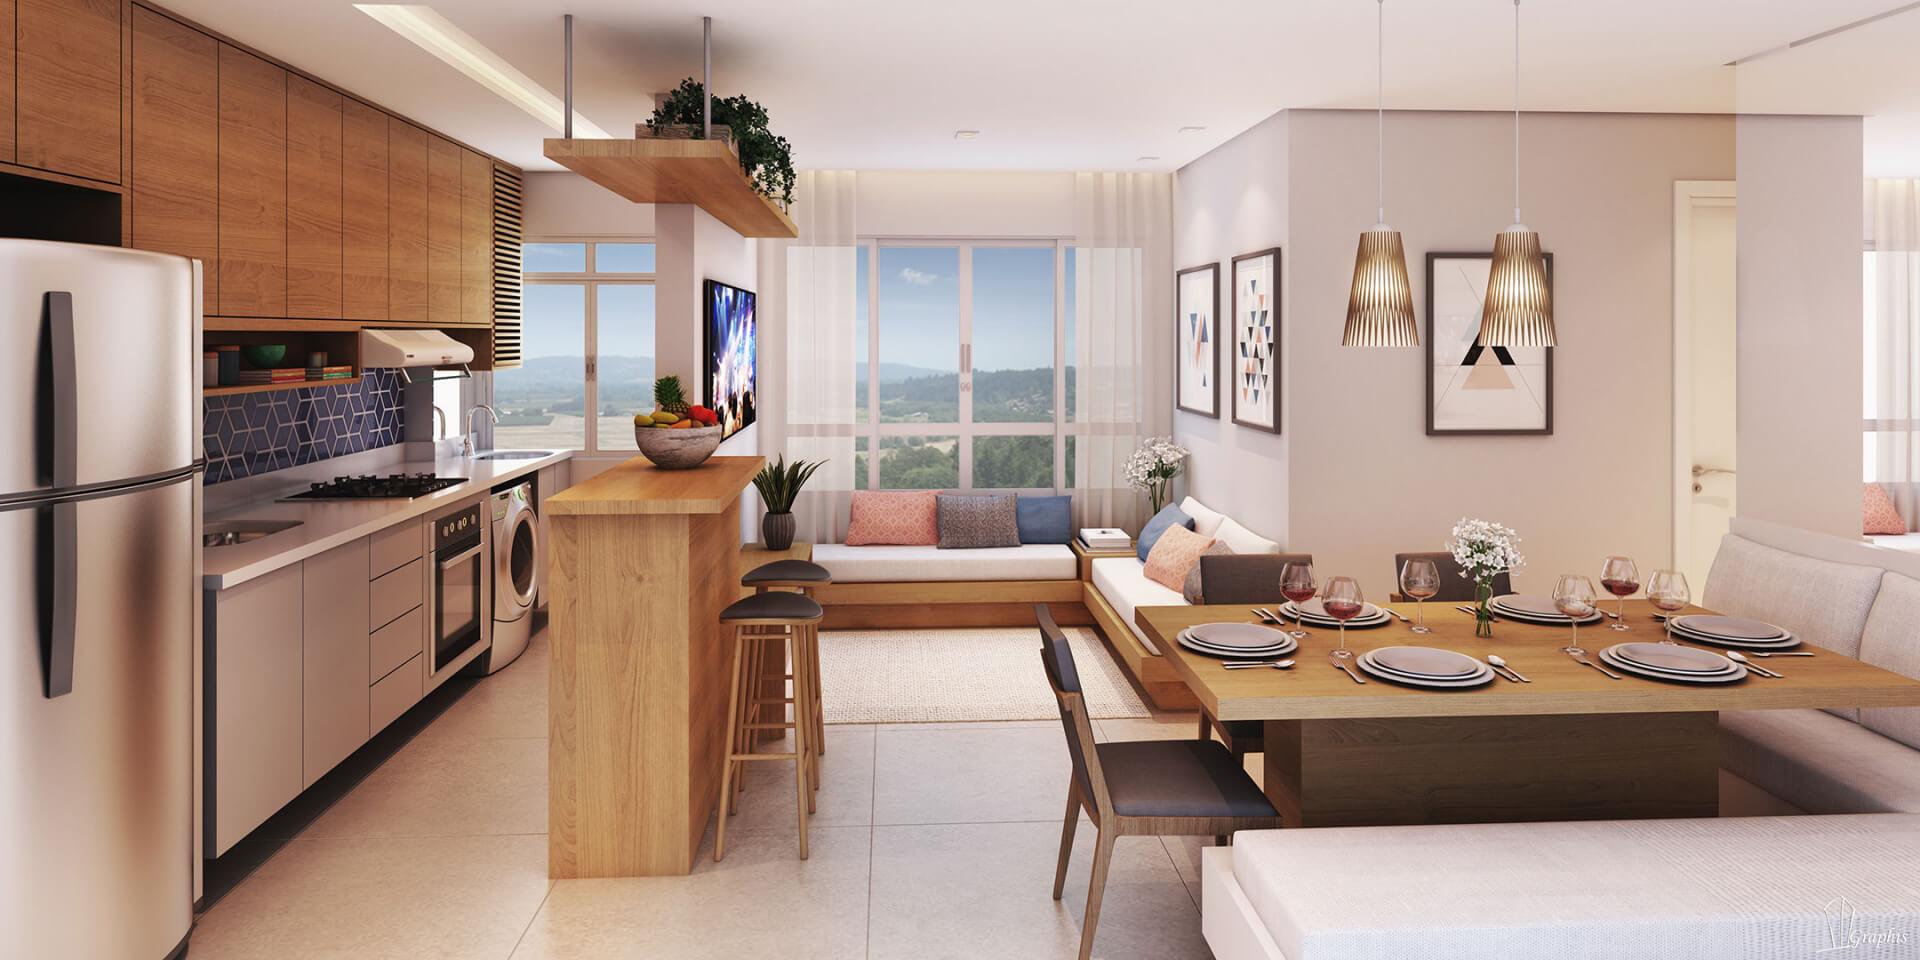 SALA do apto de 34 m² com bancada alta de refeições que integra a área social com parte da cozinha. Destaque para a ampla janela da sala, com dimensões maiores que o convencional que priorizam a entrada de iluminação natural.